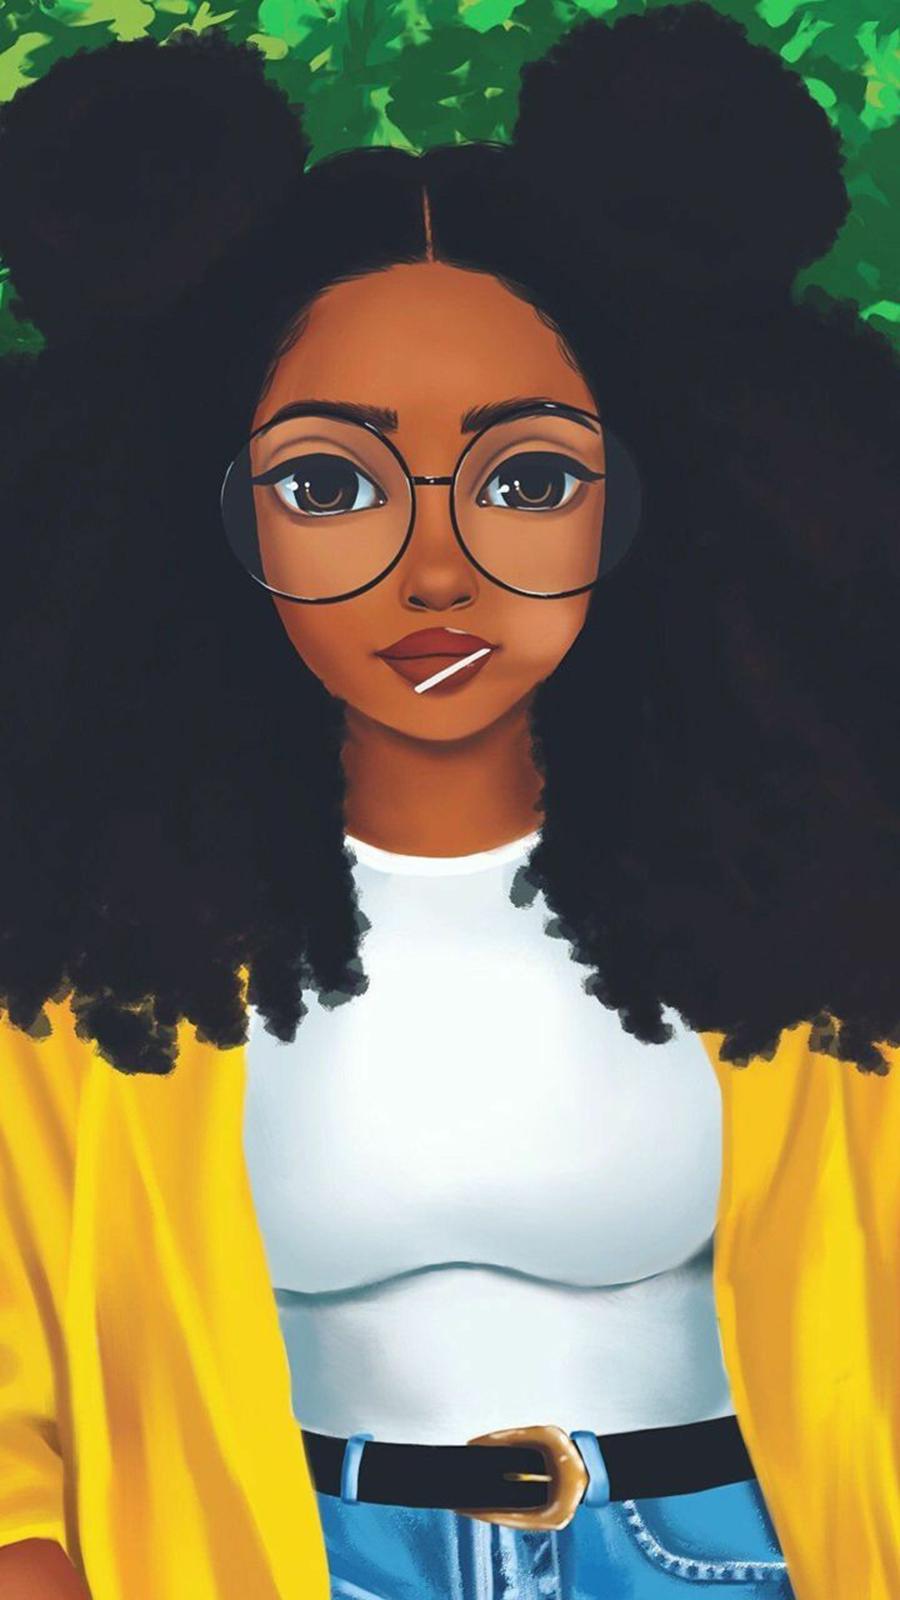 Top Cartoon Girl HD Wallpapers – Best Wallpapers